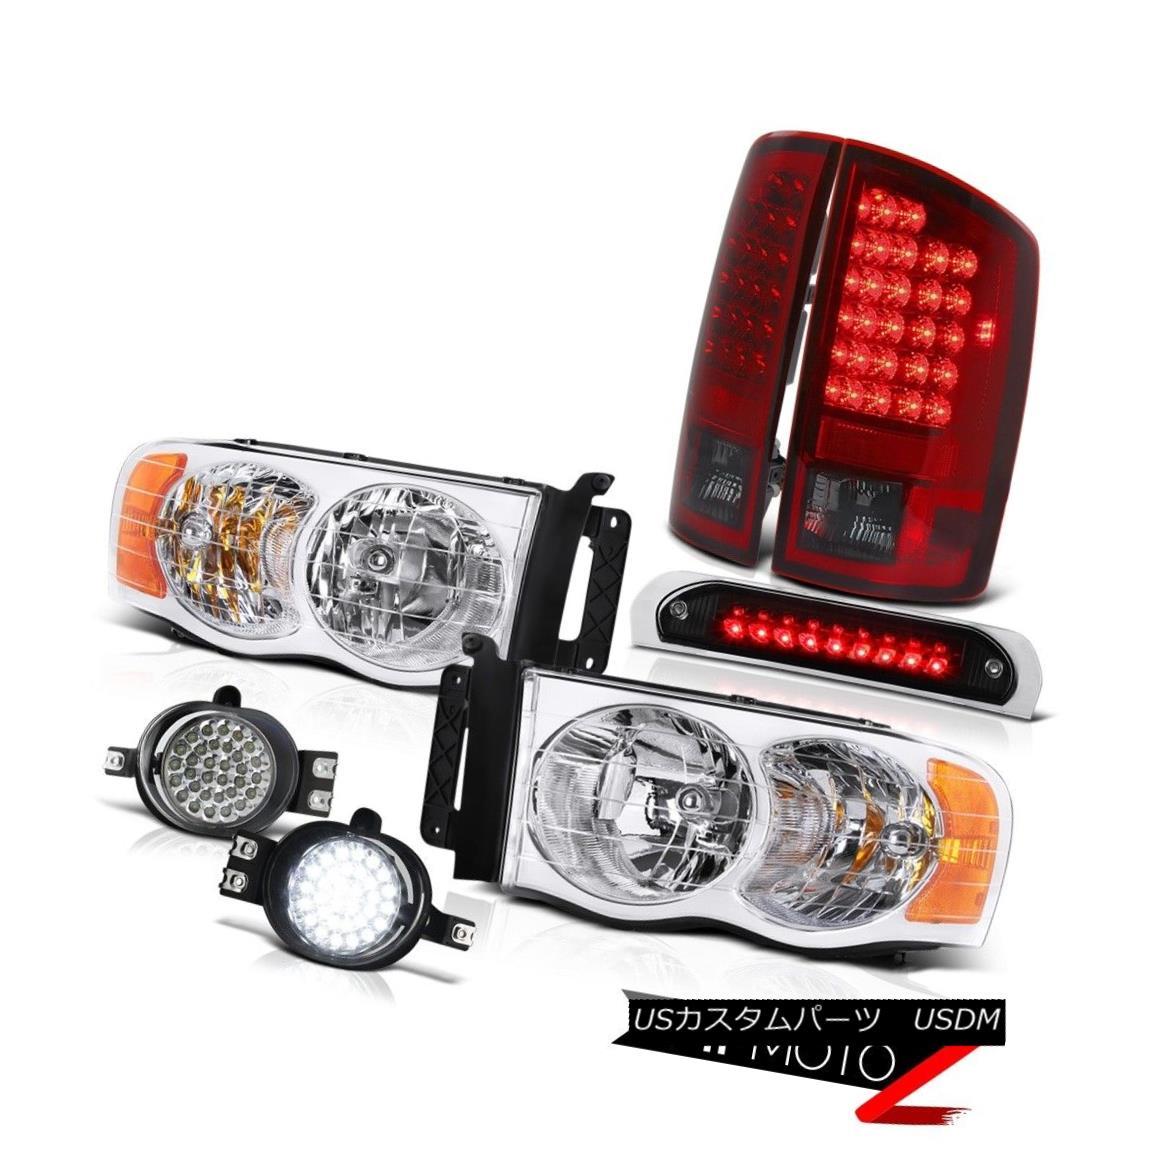 テールライト 02 03 04 05 Ram WS Left Right Headlamps SMD Tail Lamps LED Fog Third Brake Cargo 02 03 04 05 Ram WS左ライトヘッドランプSMDテールランプLEDフォグ第3ブレーキ貨物